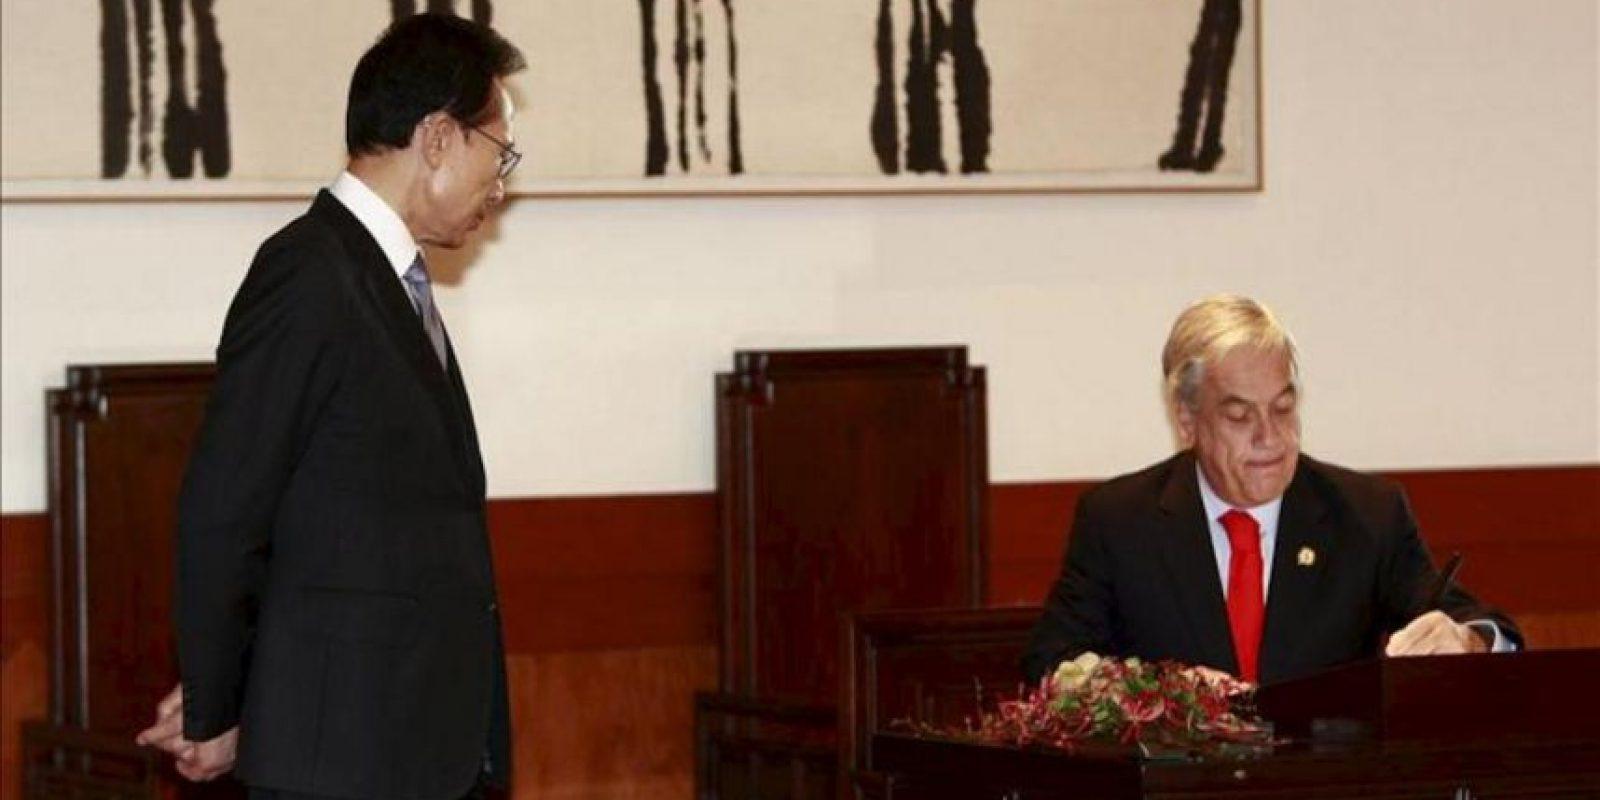 El presidente de Chile, Sebastián Piñera (d), firma un documento junto a su homólogo surcoreano, Lee Myung-bak (i), hablan hoy en una reunión en el despacho presidencial surcoreano en Seúl (Corea del Sur). EFE